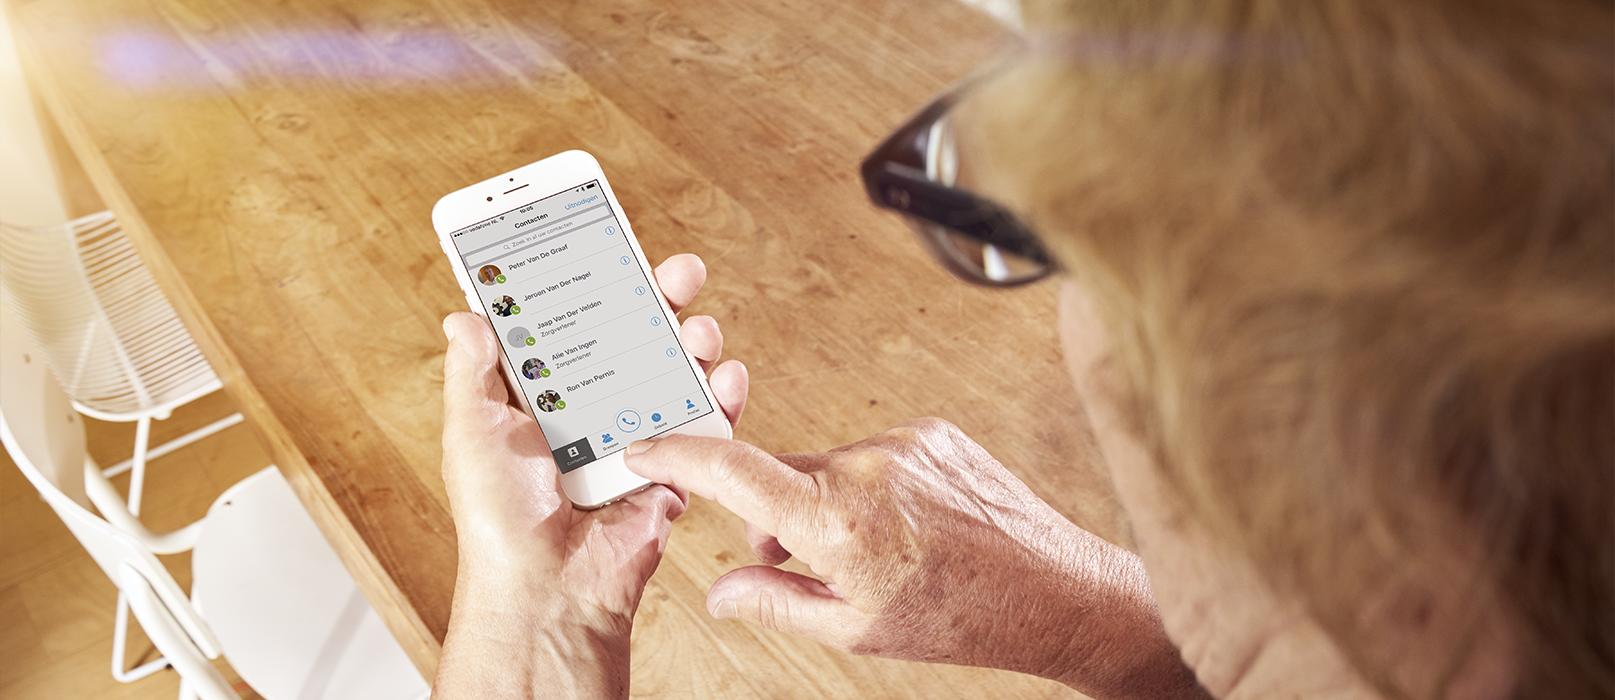 Vrouw gebruikt cContact op haar smartphone